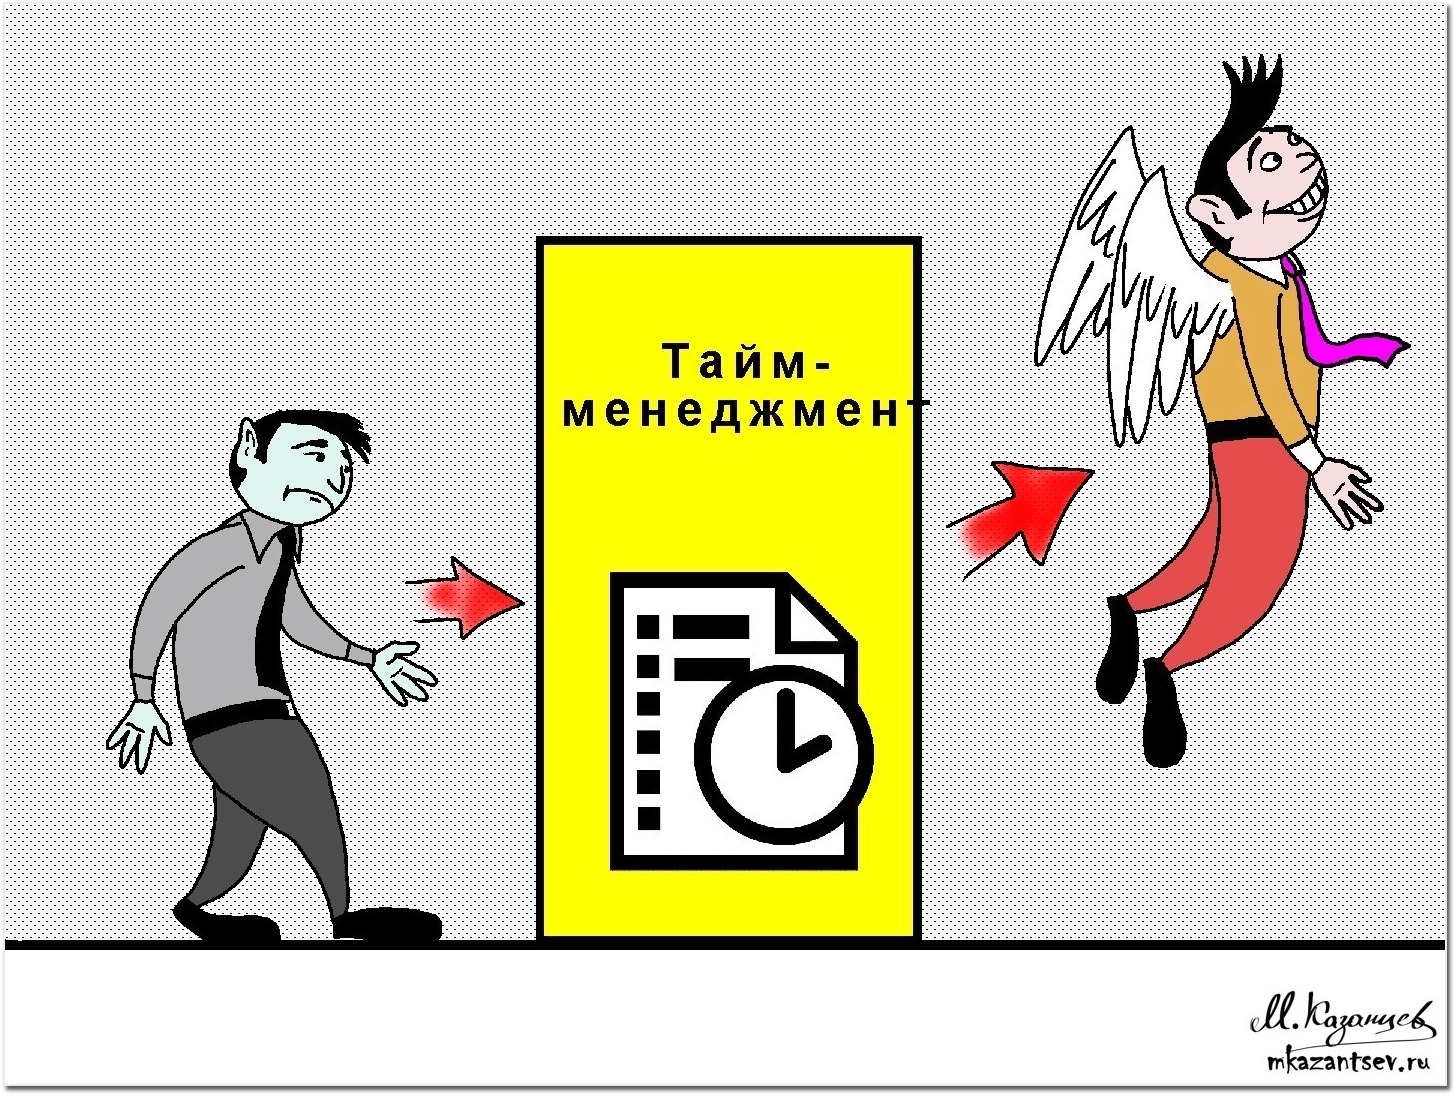 Мифы и заблуждения о тайм-менеджменте